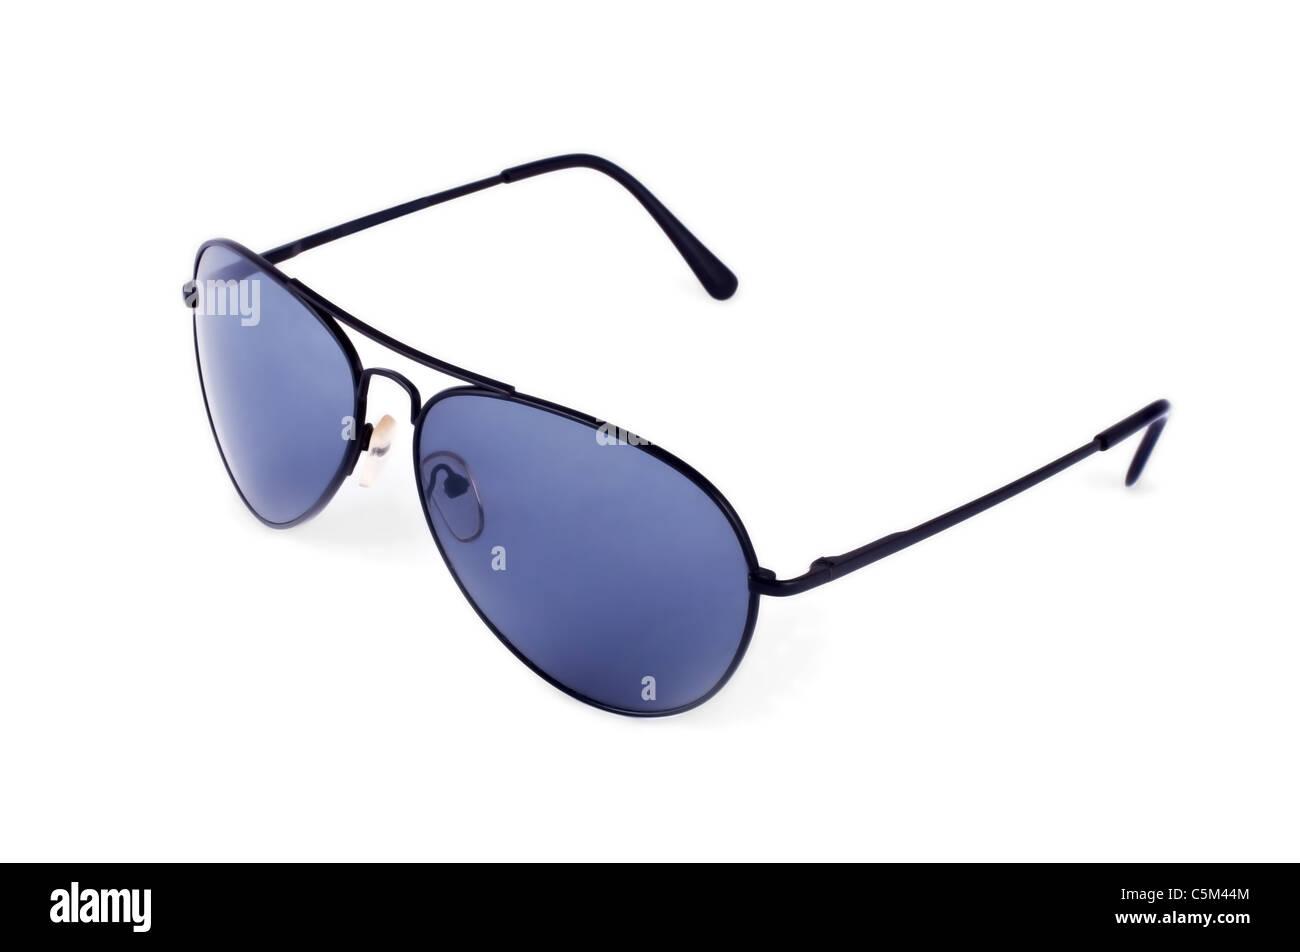 Gafas de sol aviador aislado sobre fondo blanco. Foto de stock